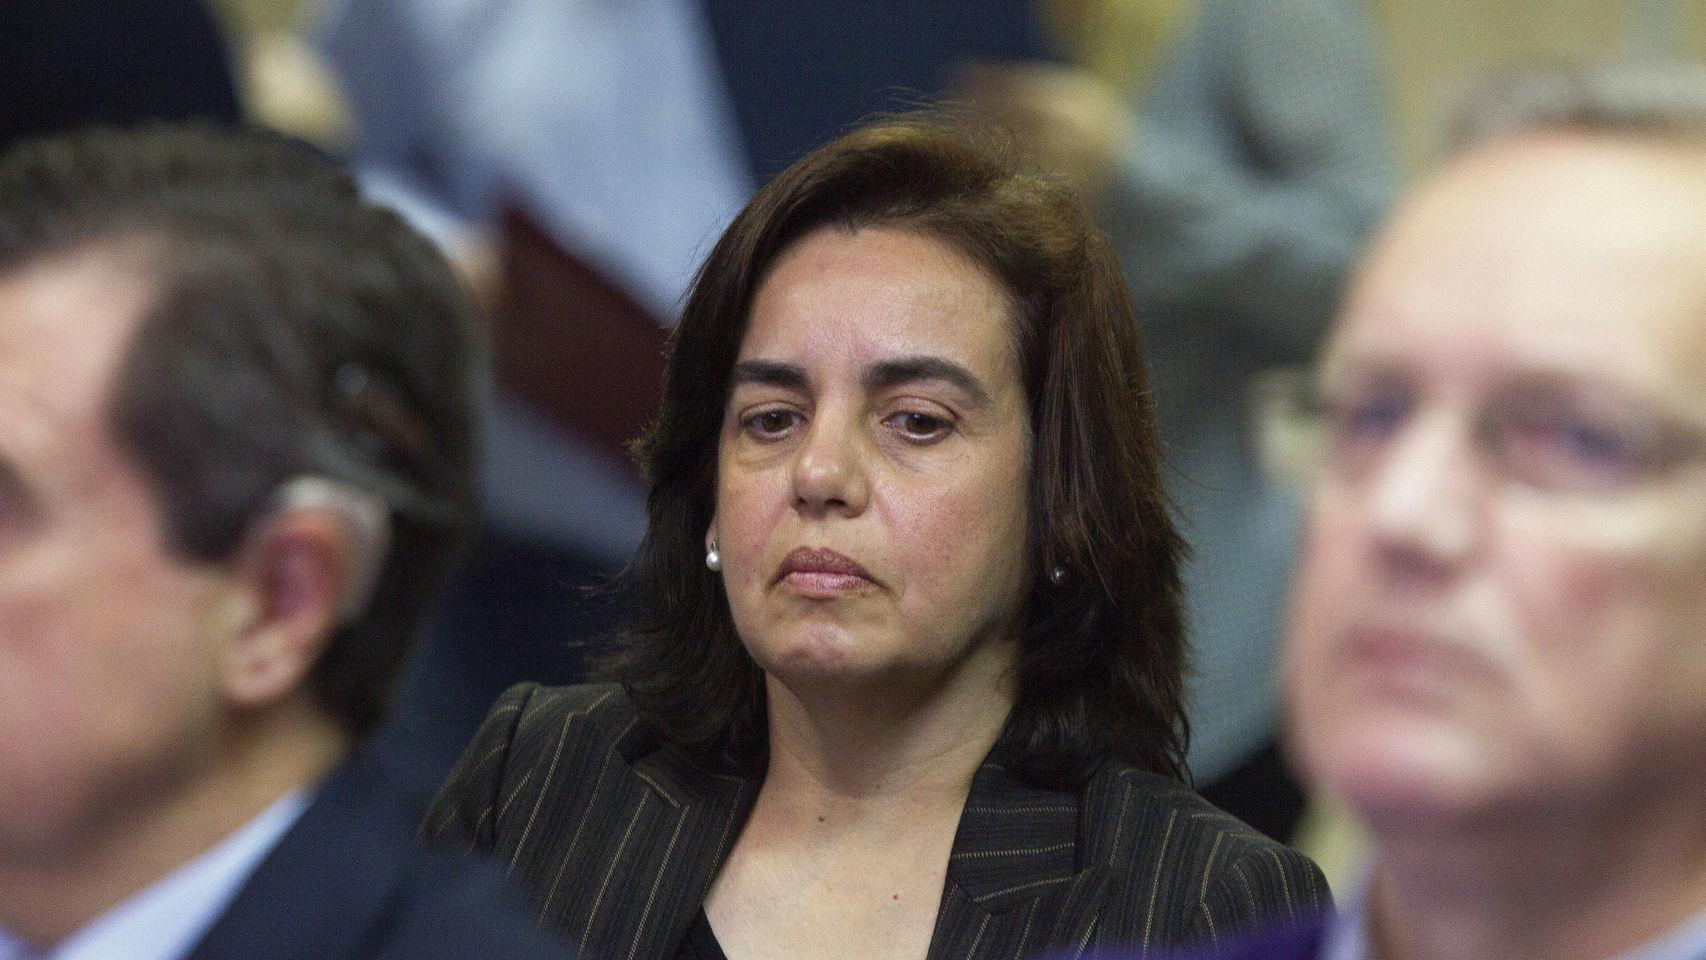 Ana María el pasado 11 de enero, durante la primera sesión del juicio